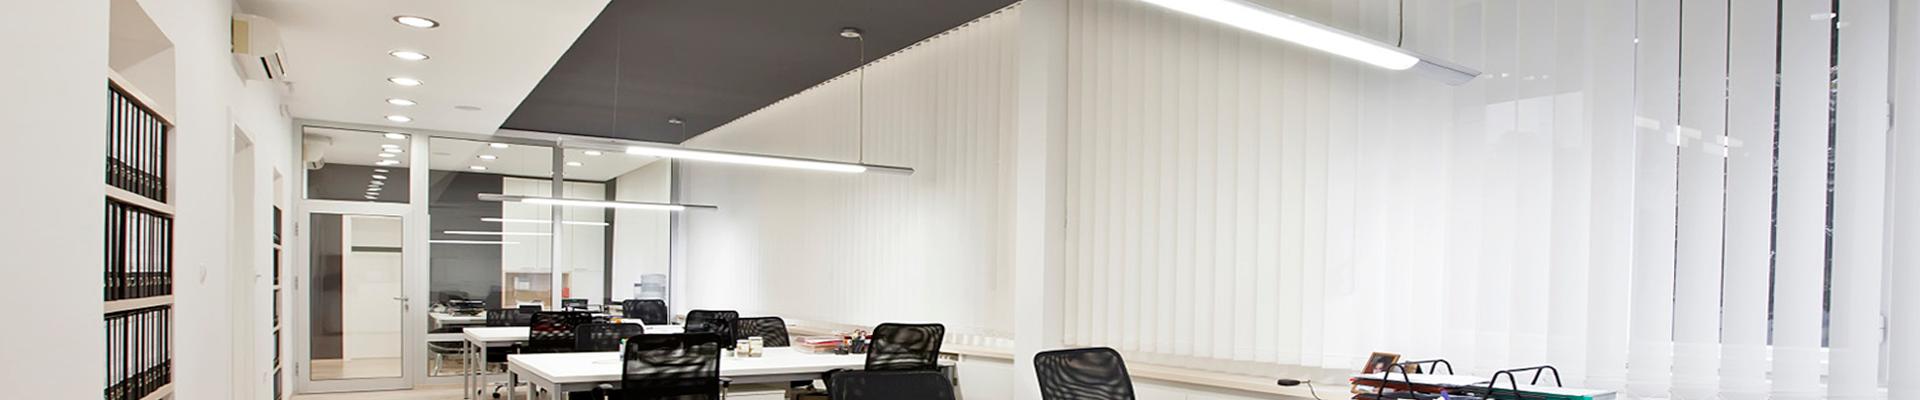 Фанкойлы для настенного монтажа в помещениях с высокими потолками